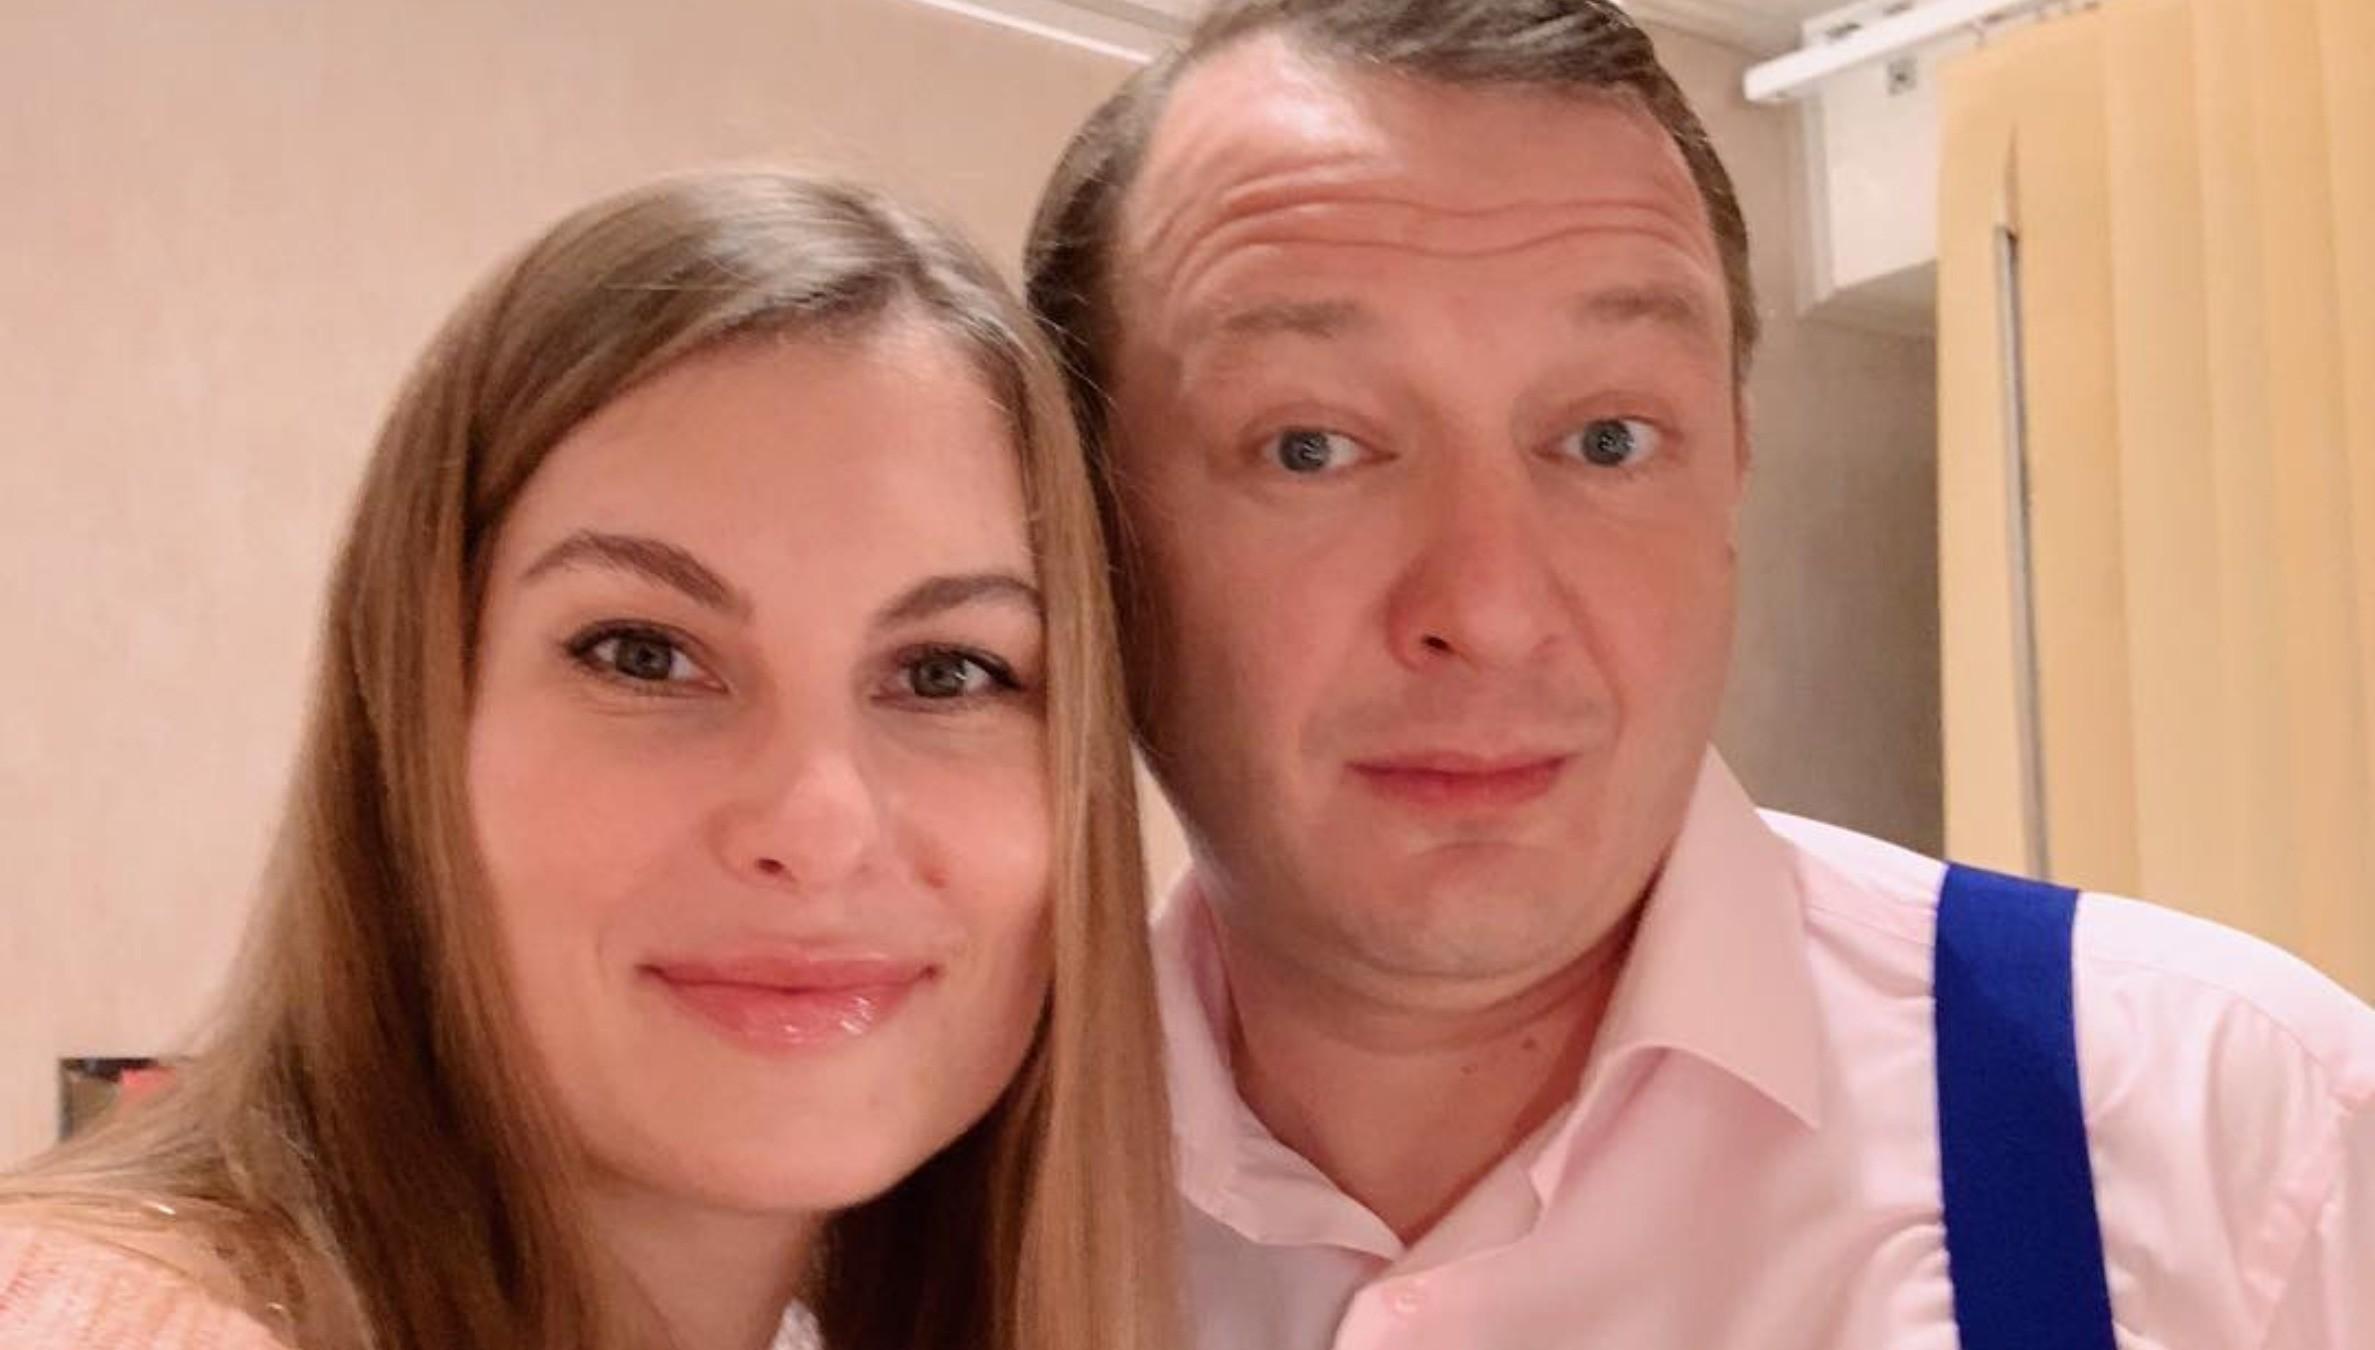 Жена Марата Башарова прокомментировала новость о том, что супруг поднял на нее руку